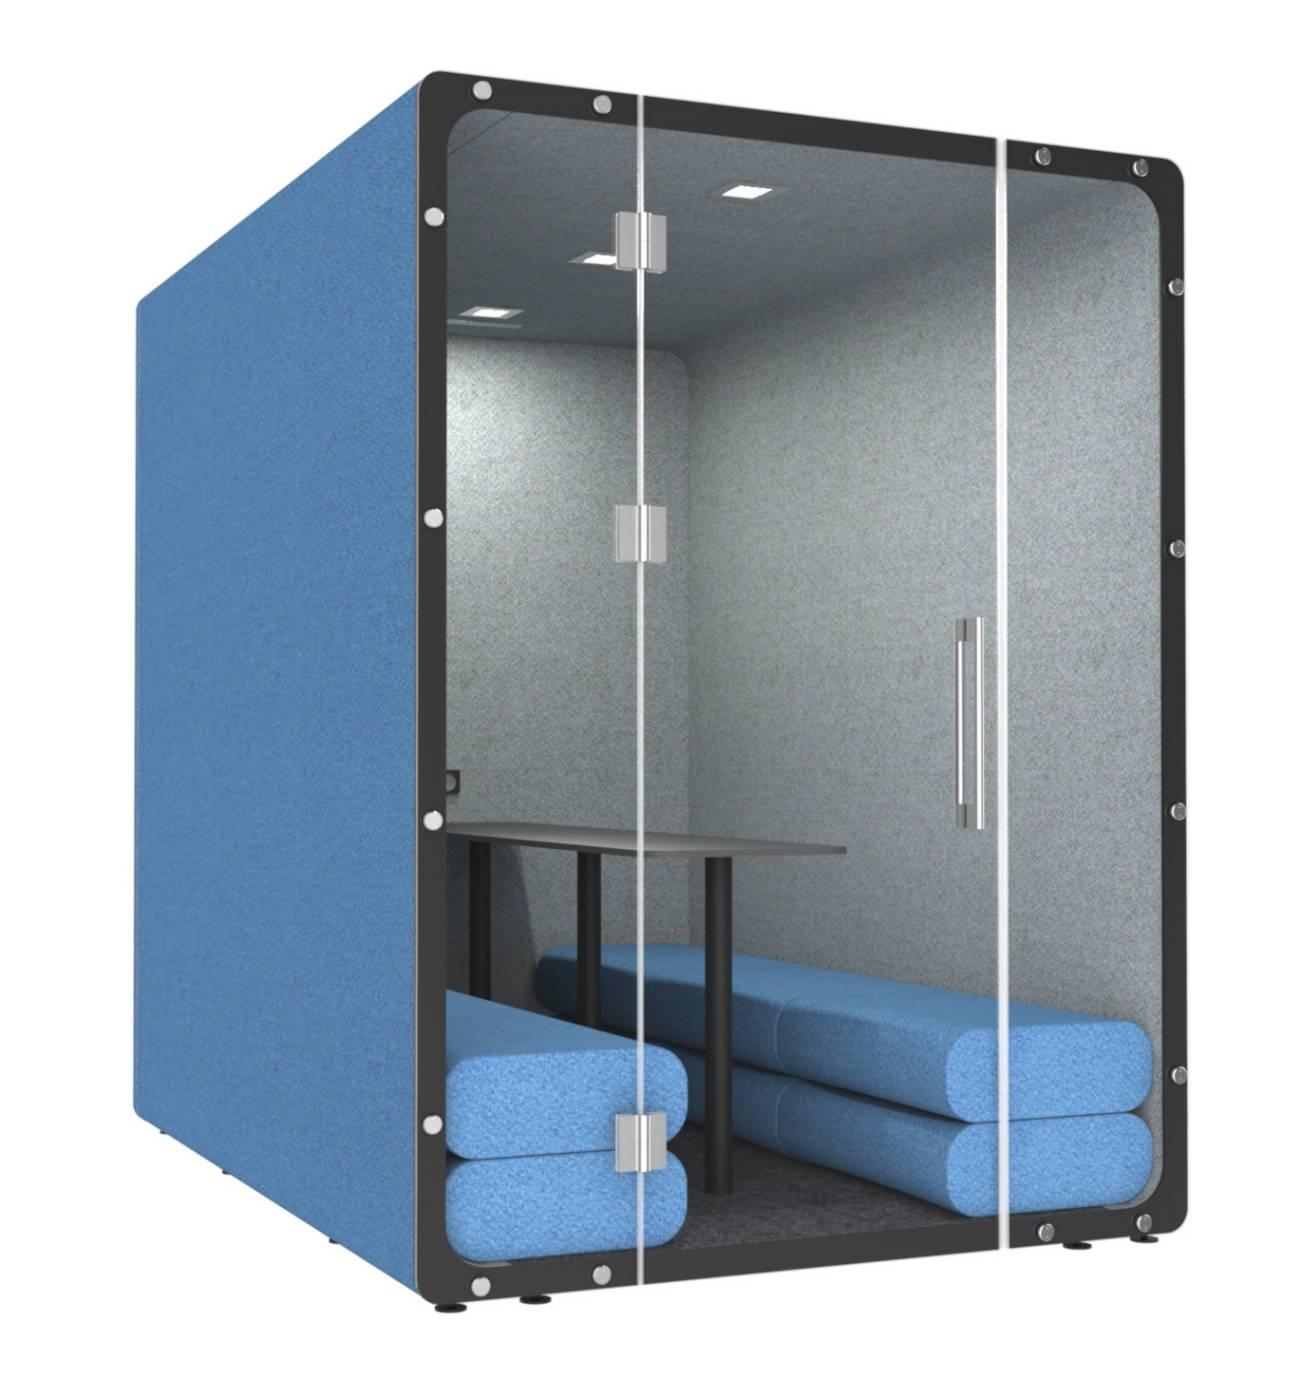 VANK Mello Meetingraum für 6 Personen Büroeinrichtung